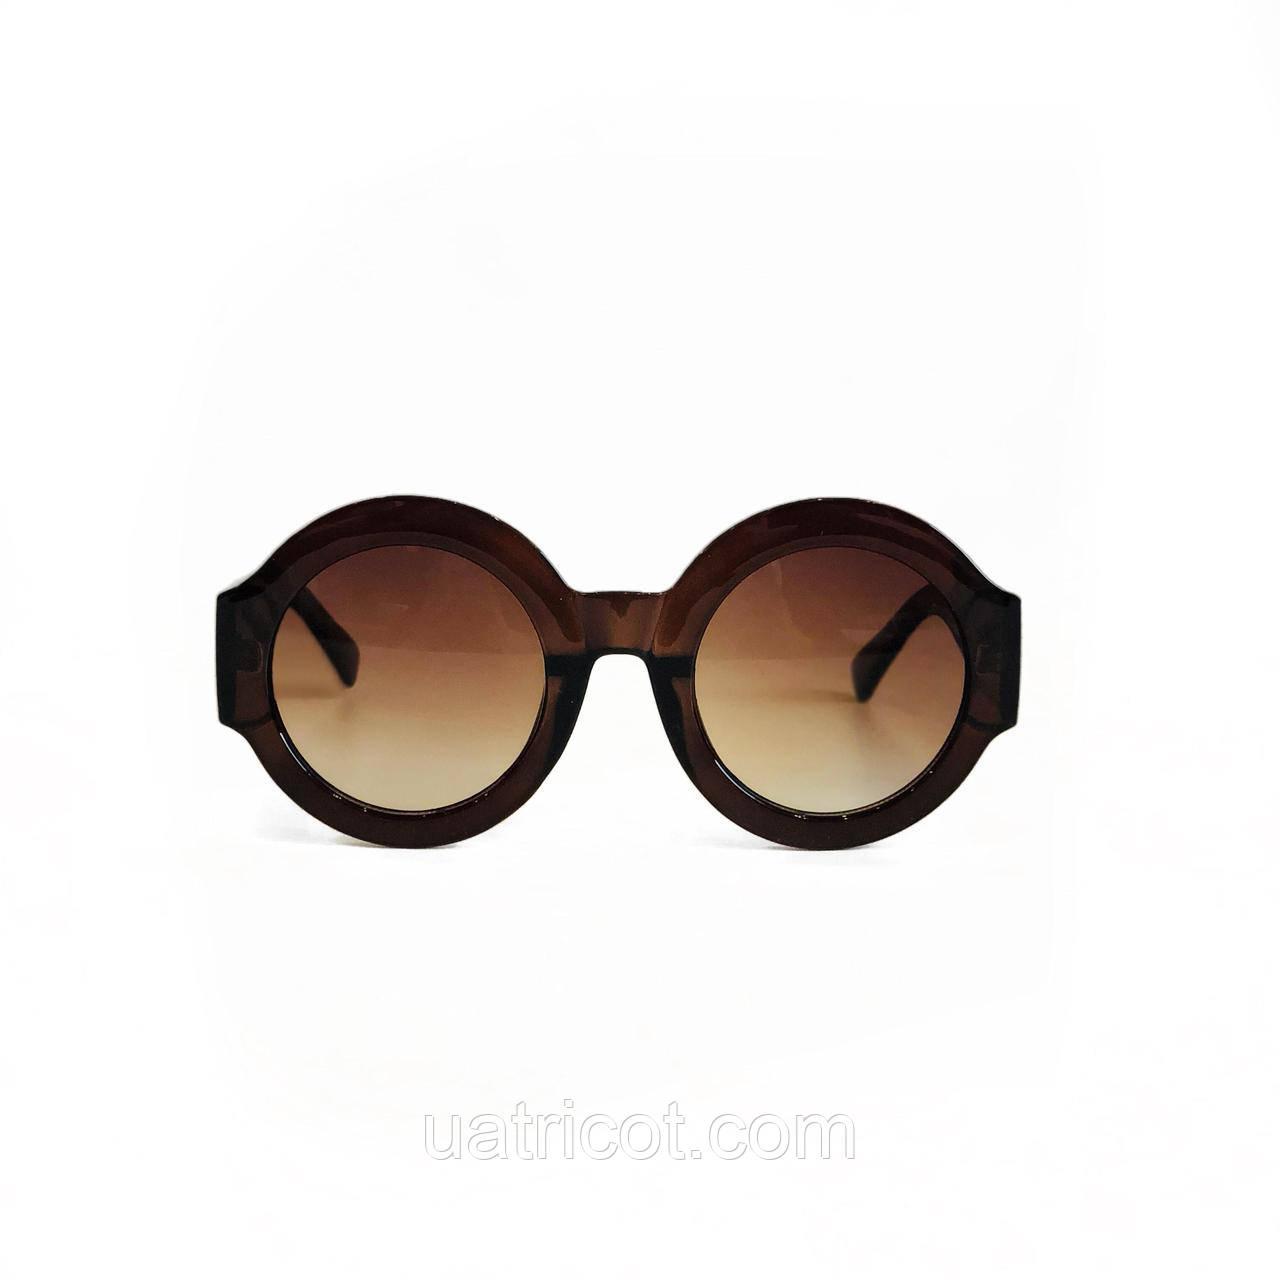 c1492d6504f6 Женские круглые солнцезащитные очки Oversize в коричневой оправе, Женские  ...